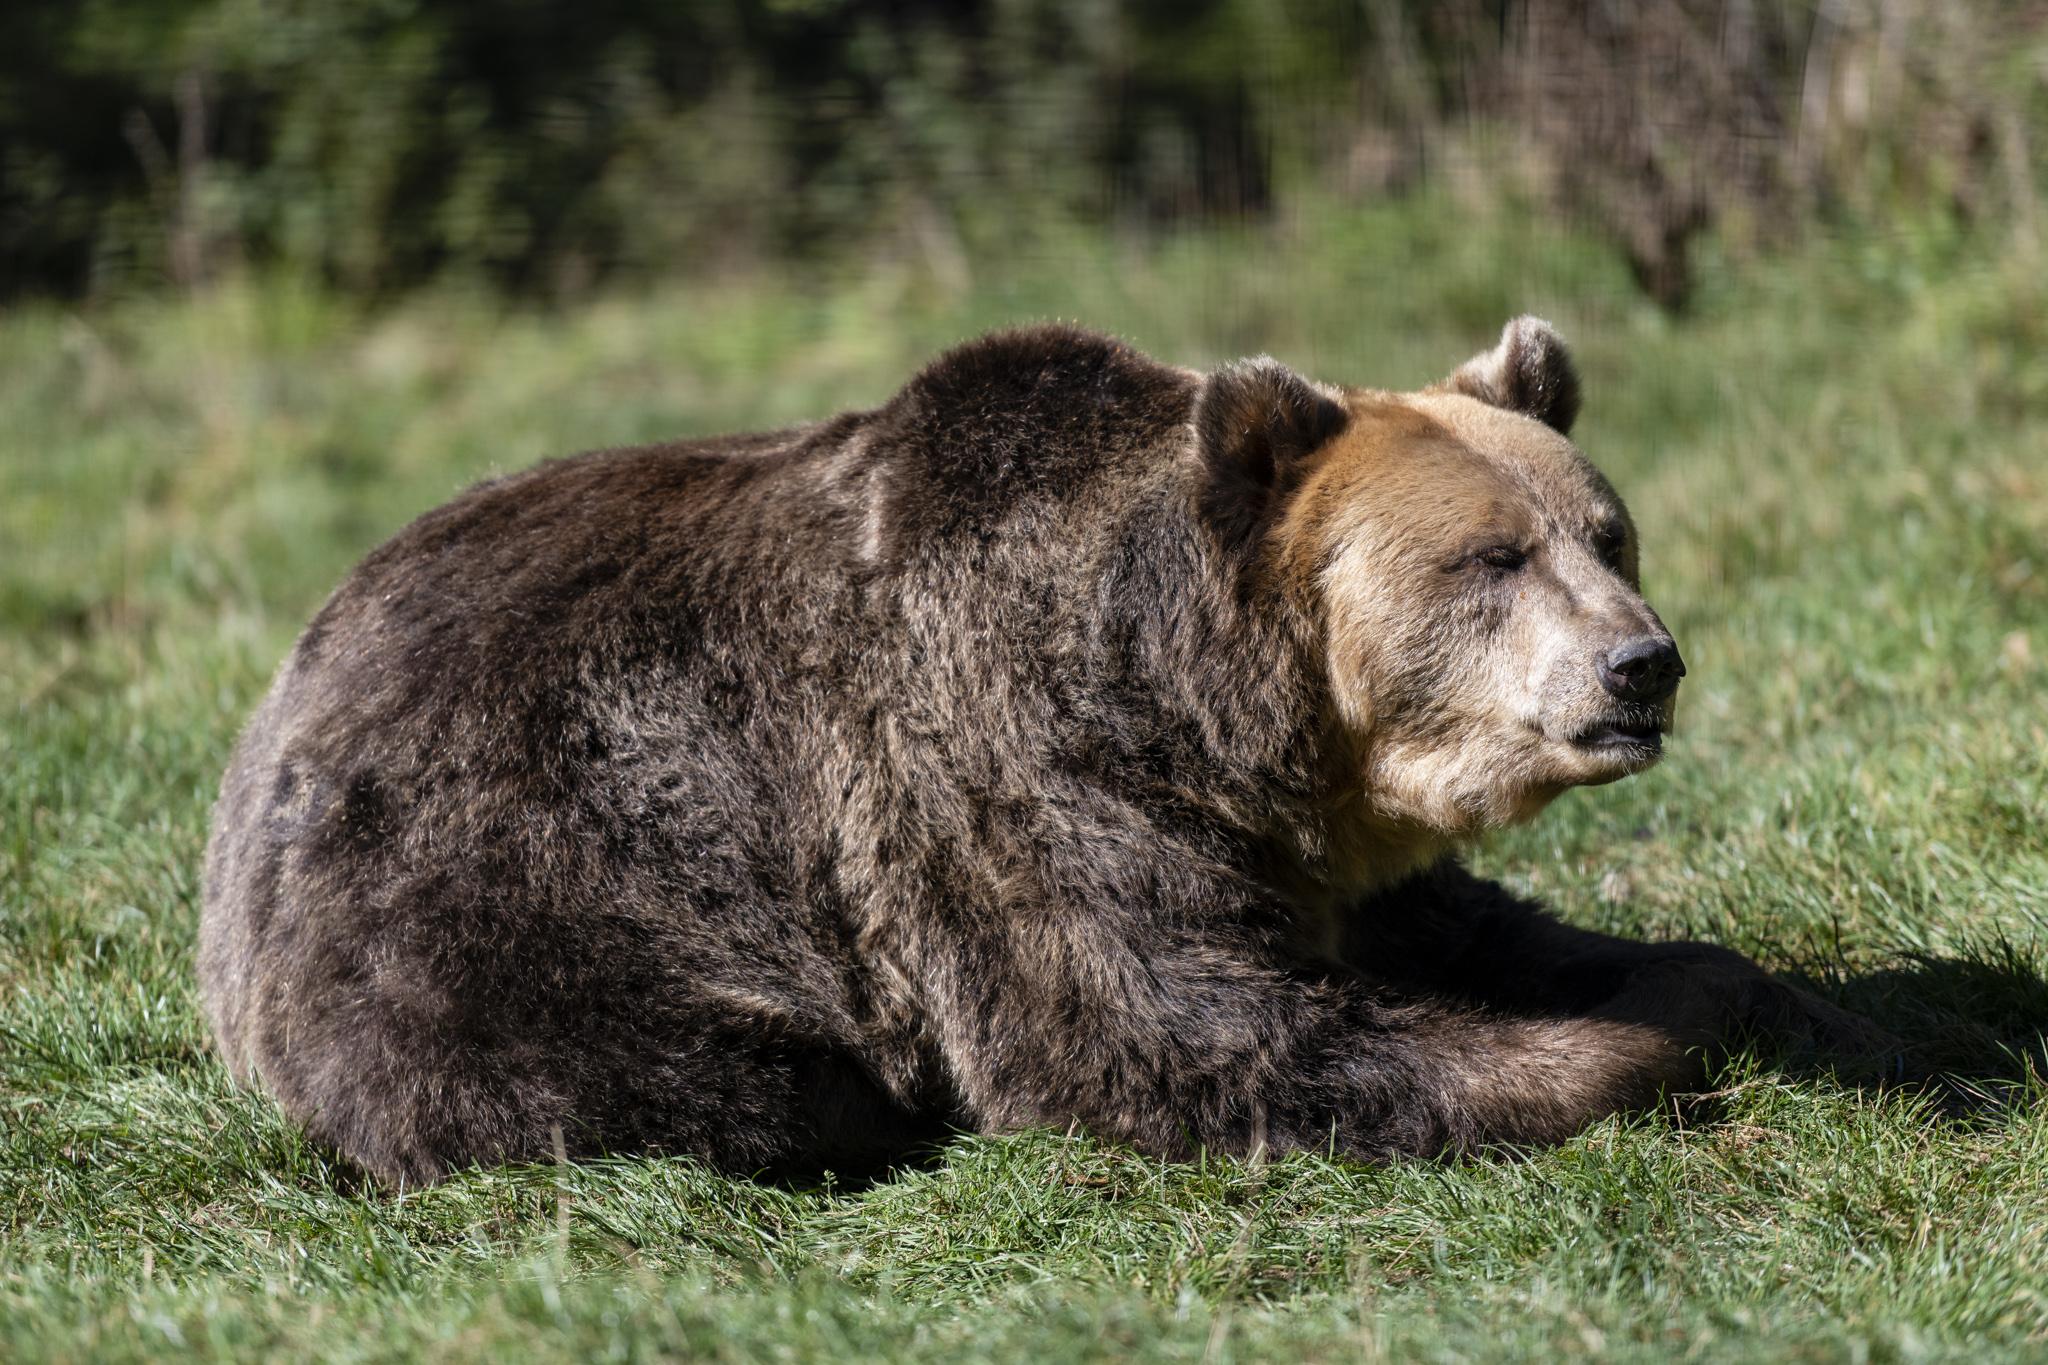 Bärenreservat